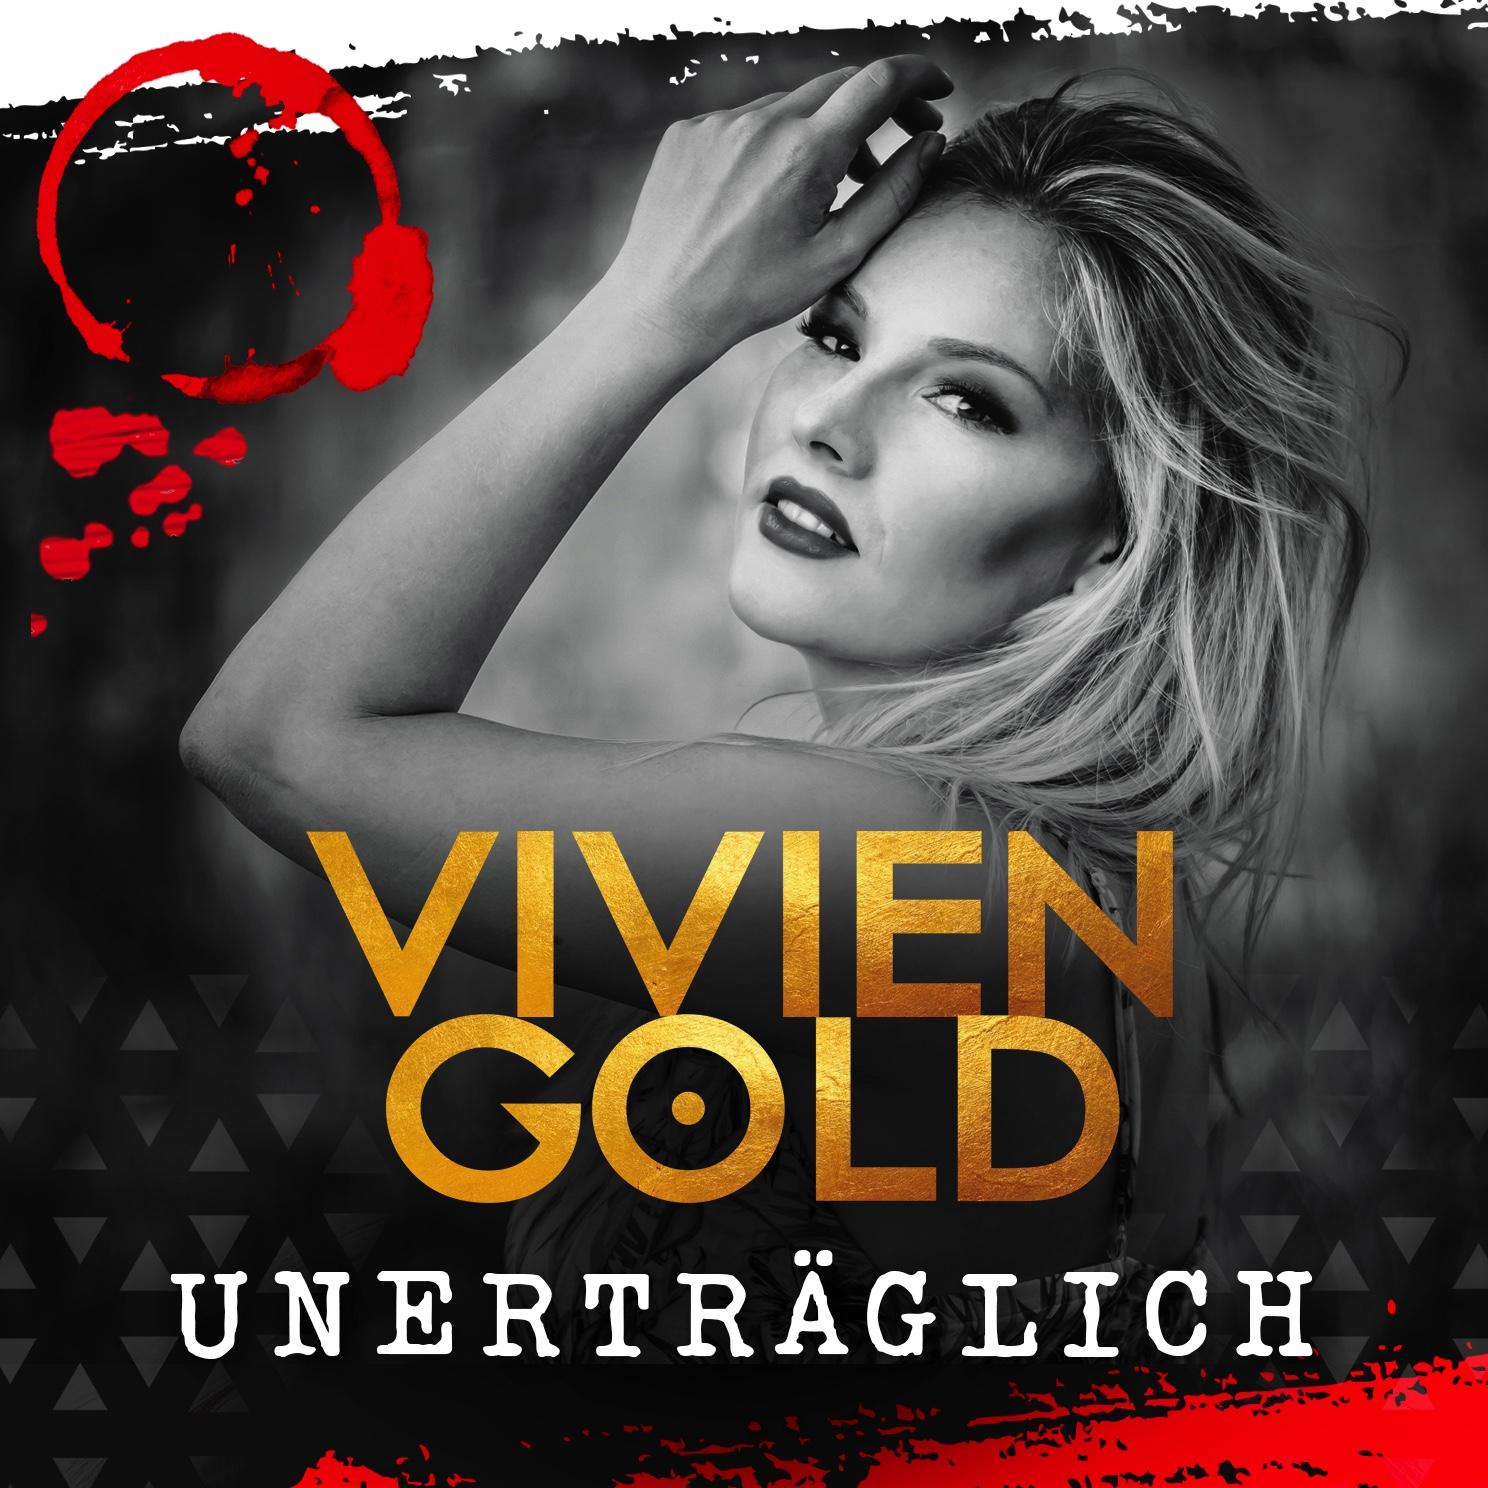 Vivien Gold - Unerträglich (2021)